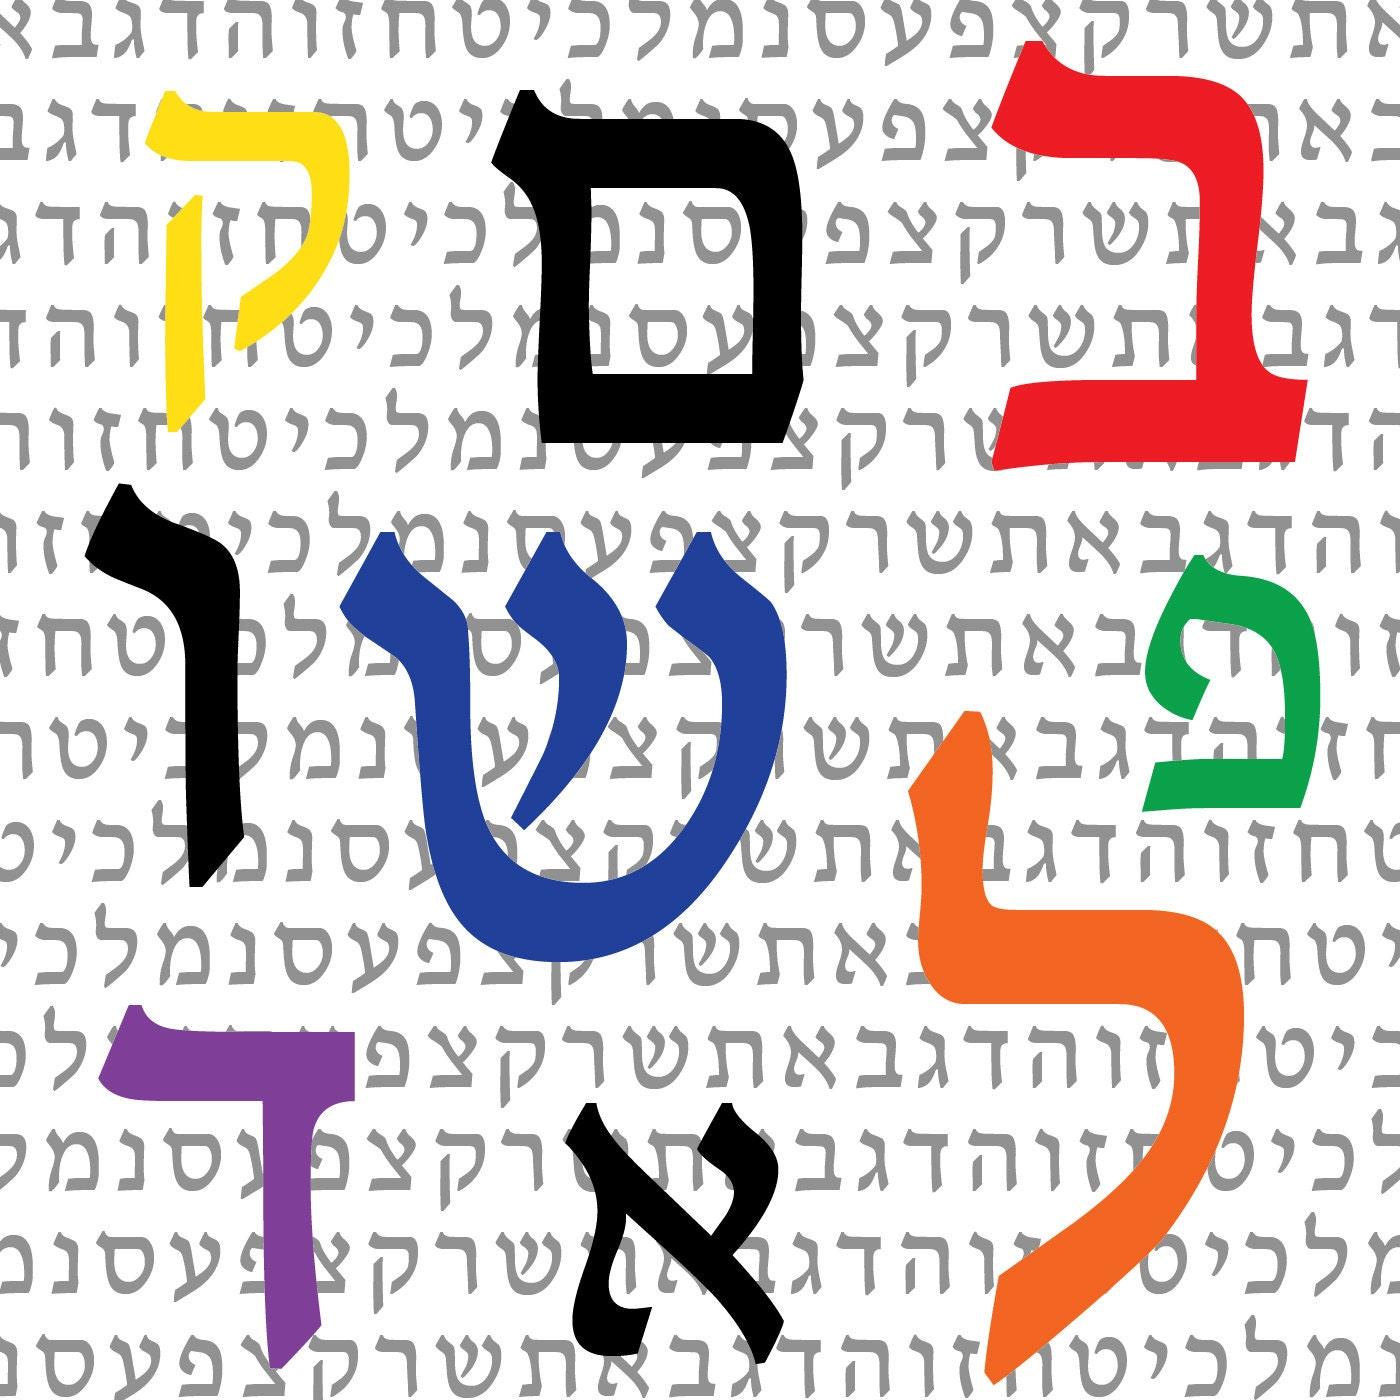 Colorido Alfabeto Jud O Del Hebreo Cl Sico Letras Colores Alef # Muebles En Hebreo